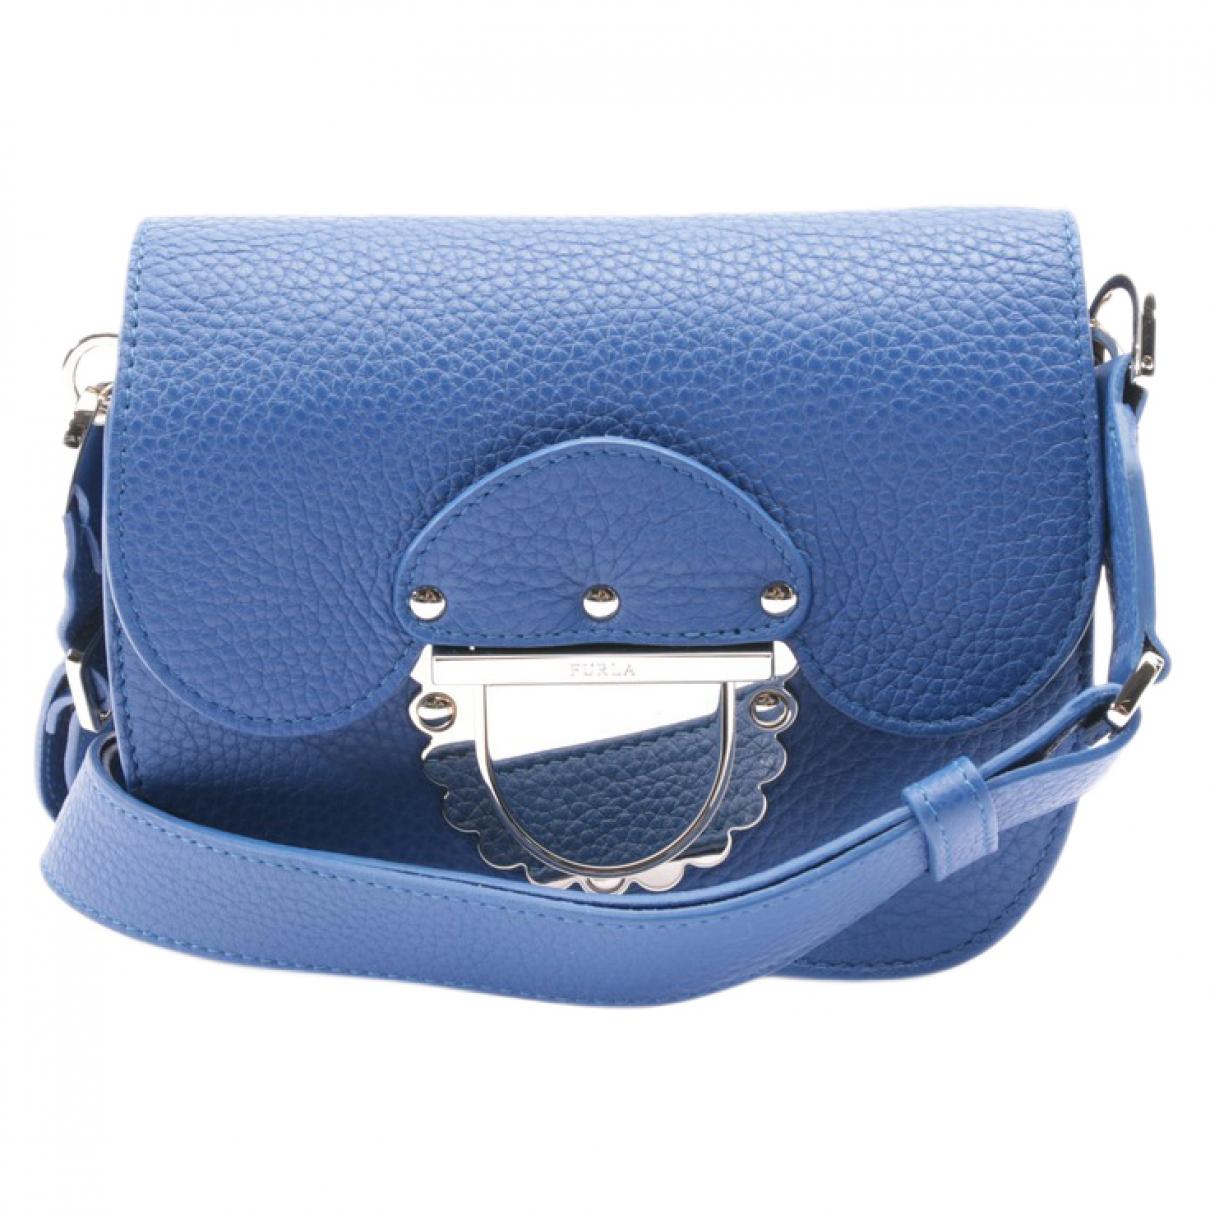 Furla \N Blue Leather Clutch bag for Women \N